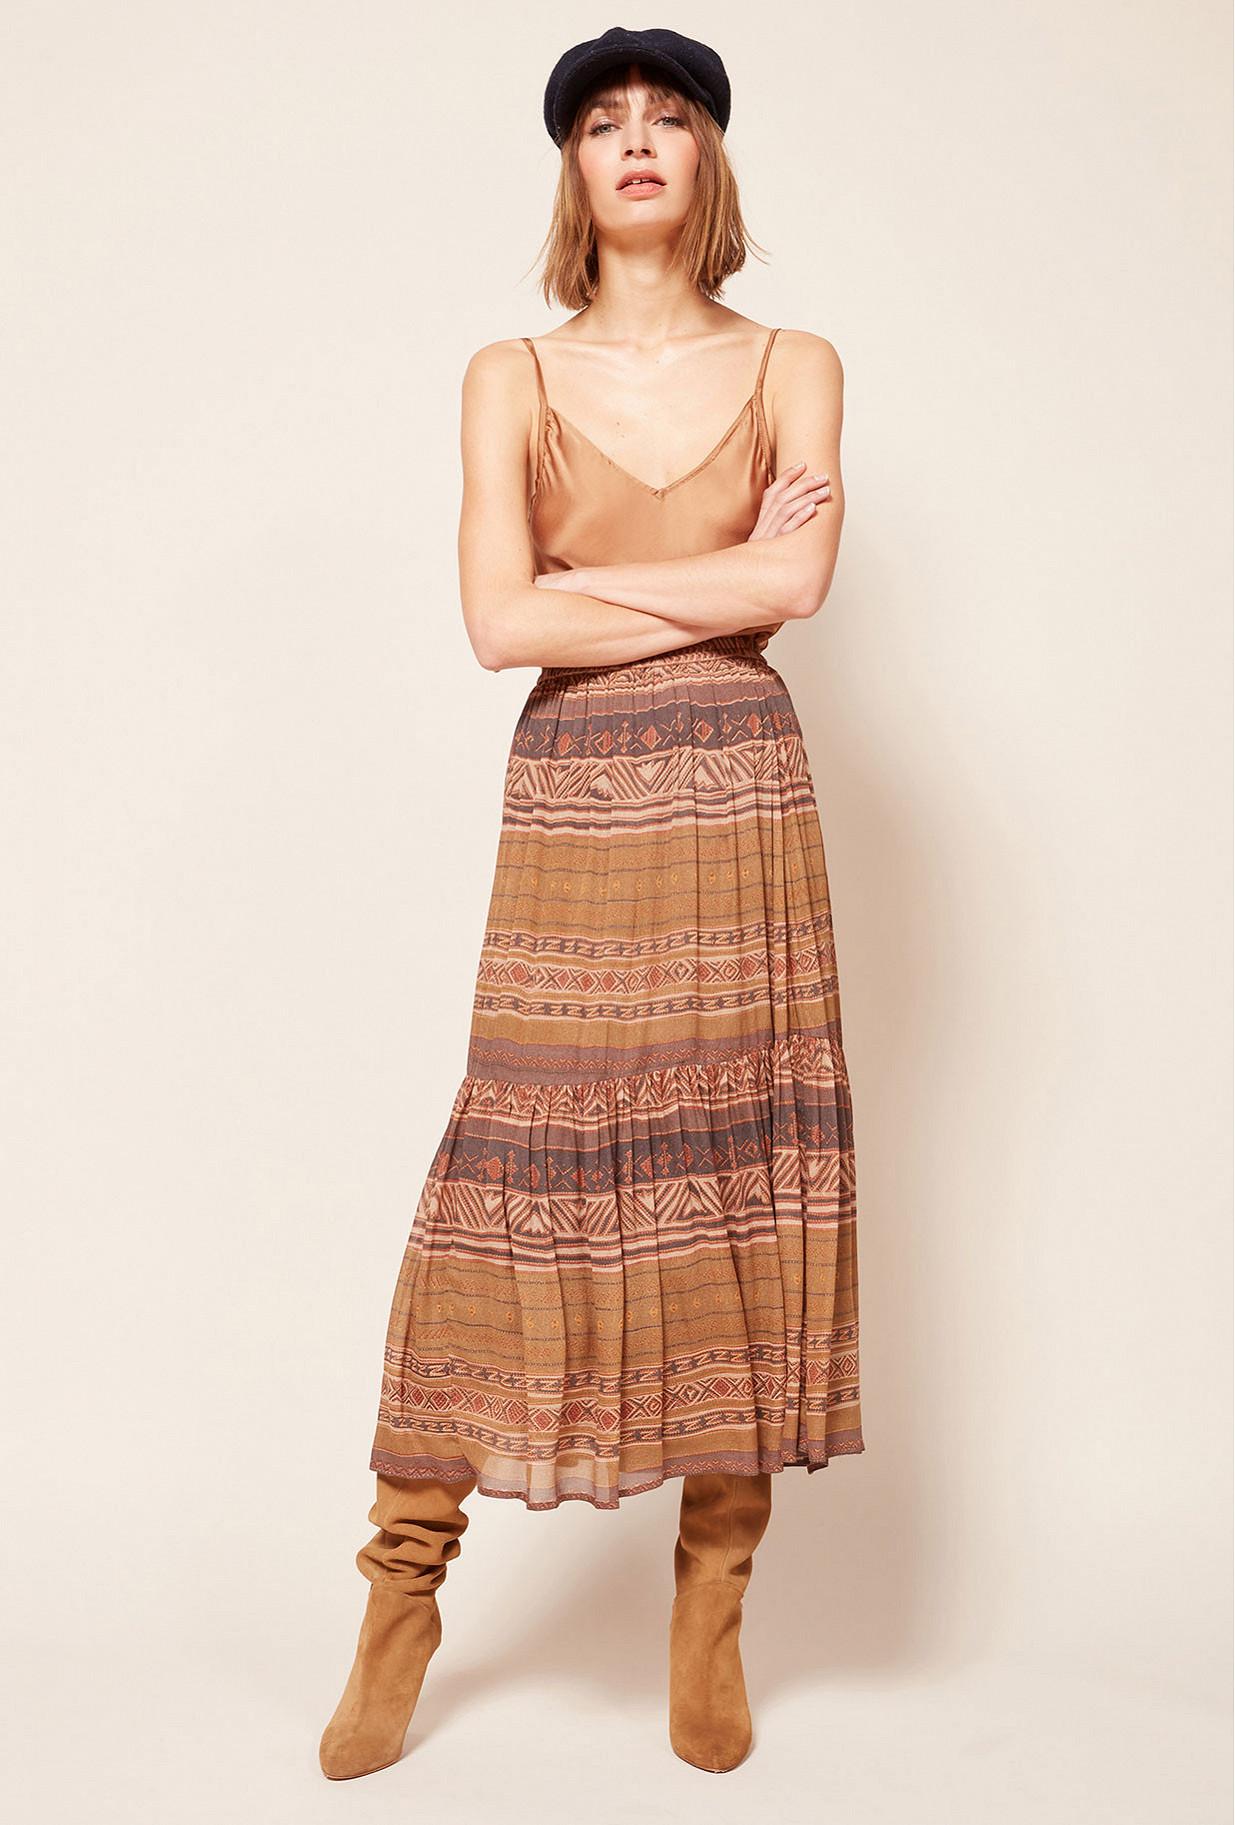 Paris boutique de mode vêtement Jupe créateur bohème  Contralto